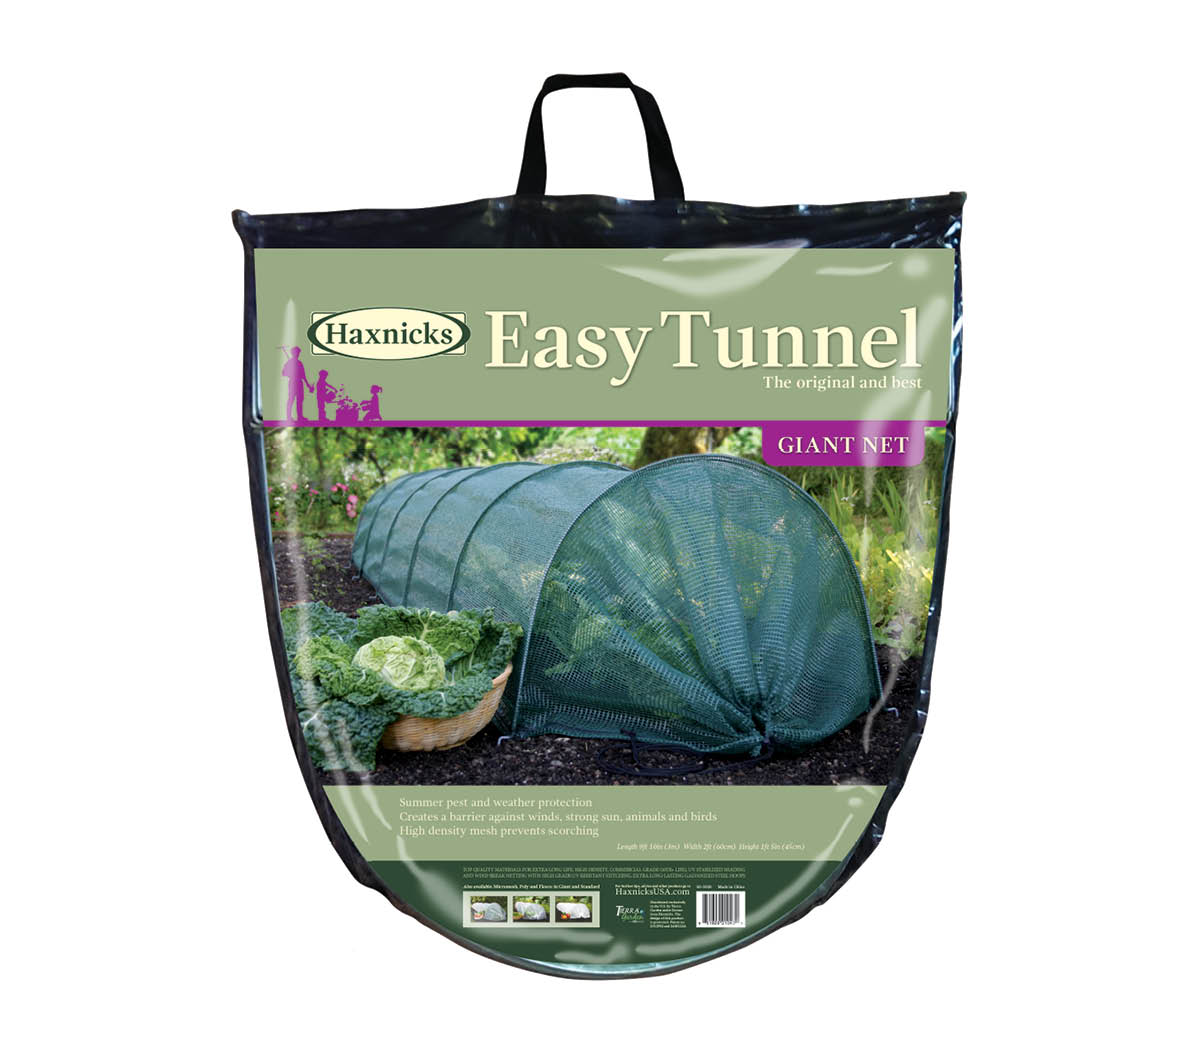 Haxnicks Giant Net Easy Tunnel.jpg